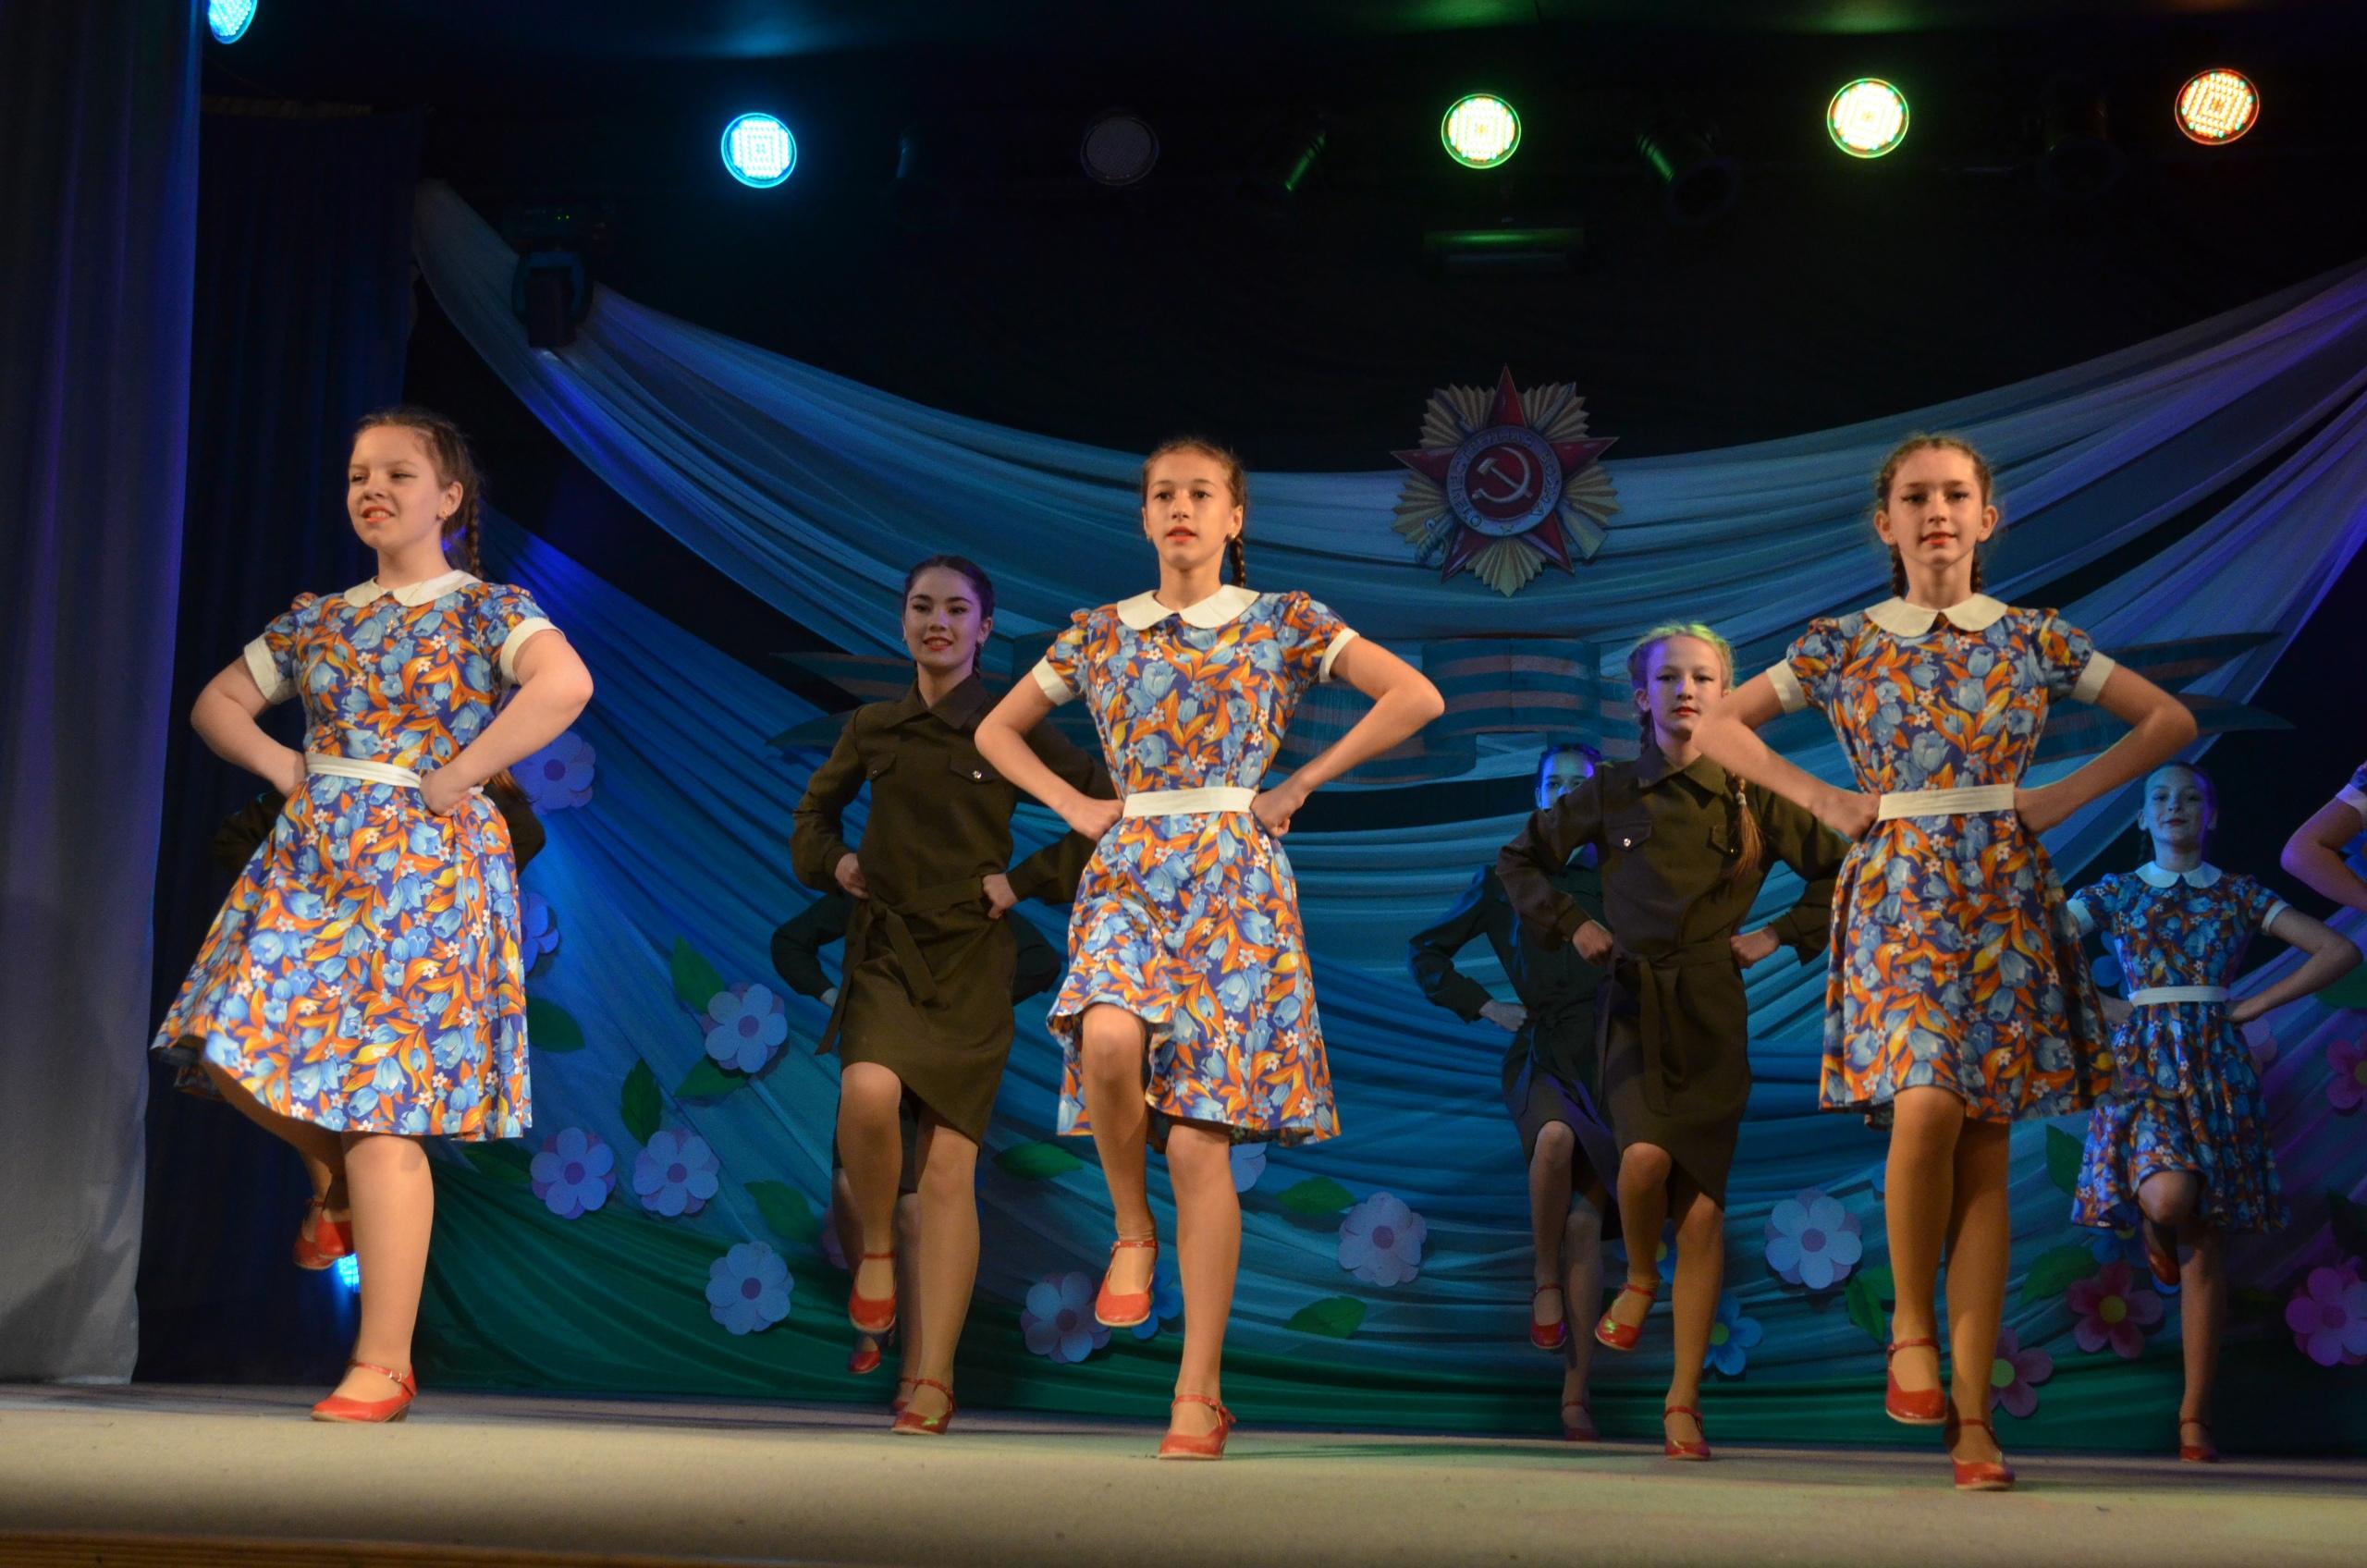 В районном Доме культуры состоялся праздничный концерт, посвящённый 76-летию победы в Великой Отечественной войне